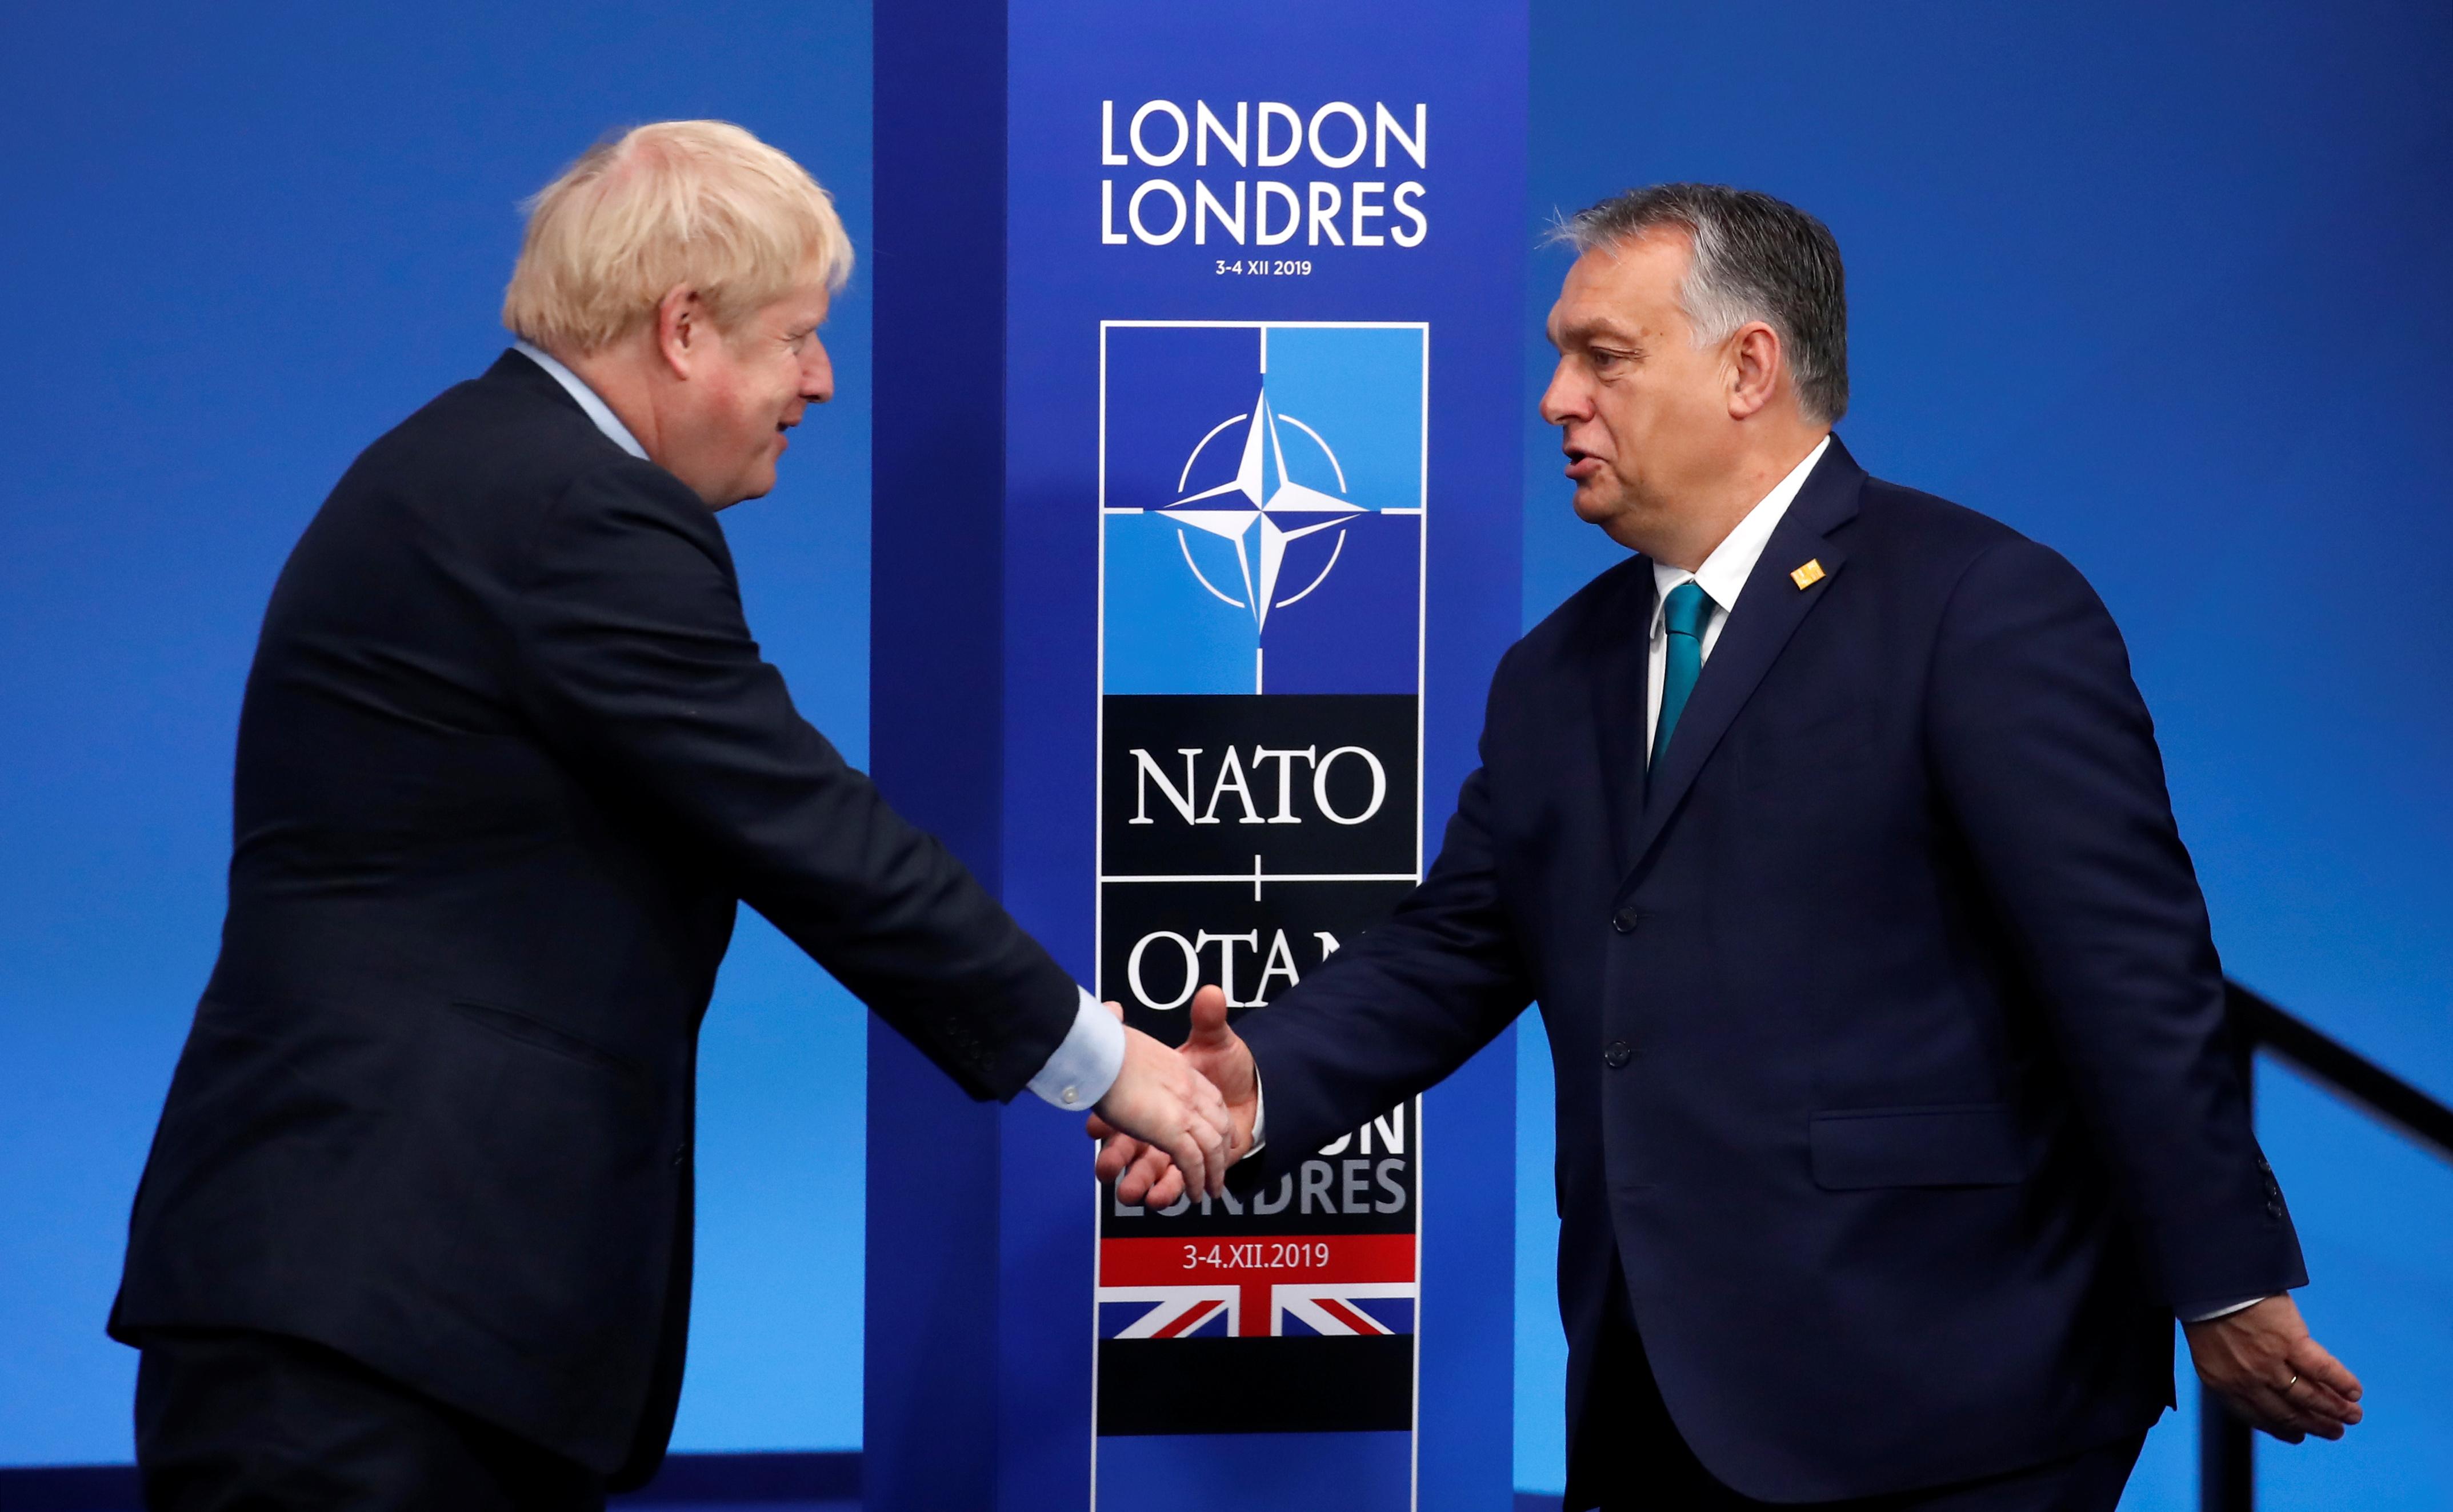 Orbán Viktor gratulált Boris Johnsonnak, hogy érvényesítette népe akaratát, ami az Európai Unión kívül kívánja biztosítani a szuverenitását